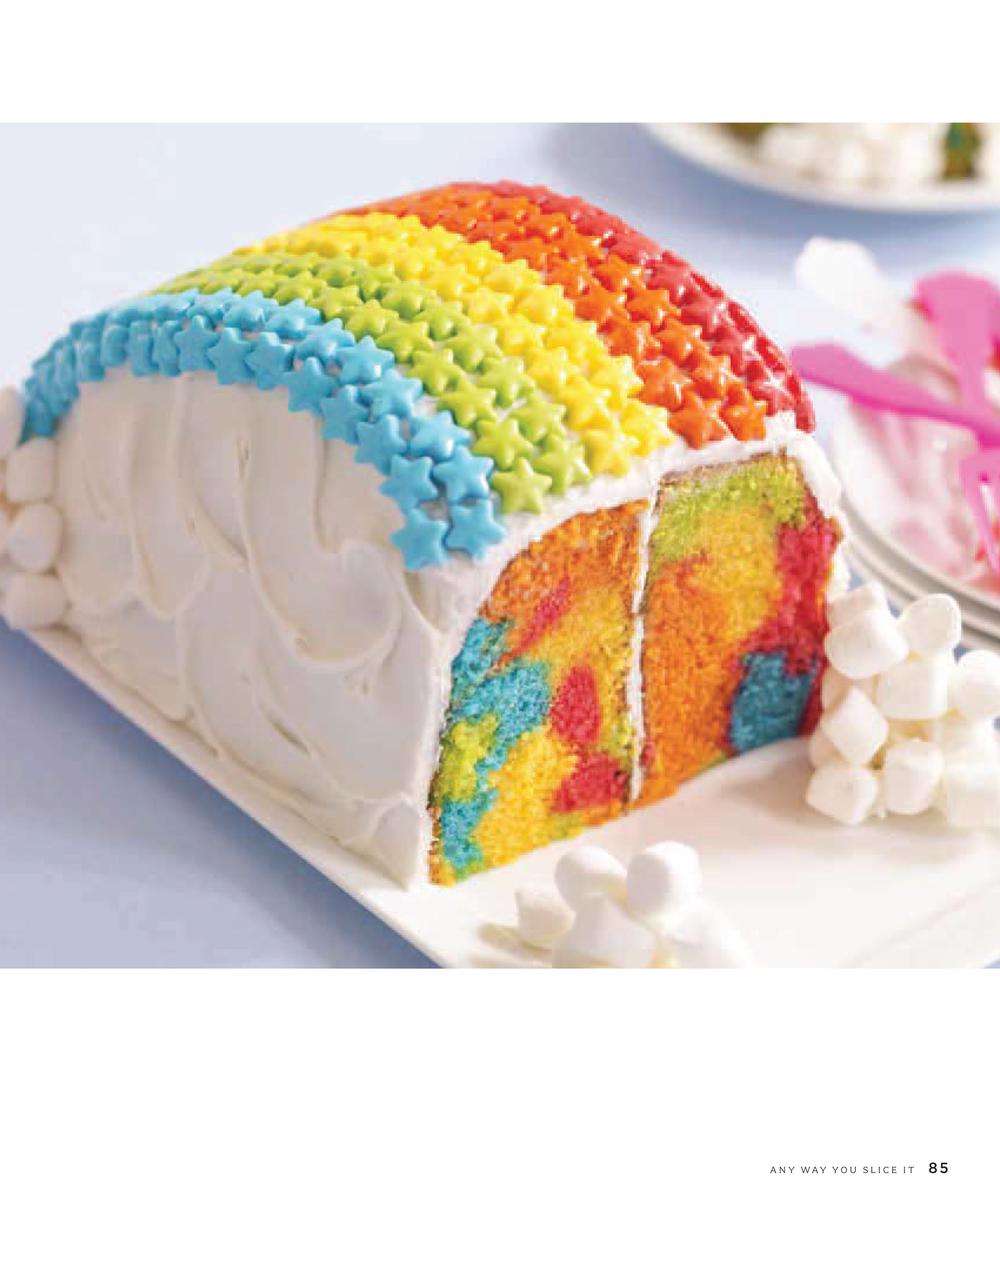 Rainbow Cake - Cake My Day1.jpg